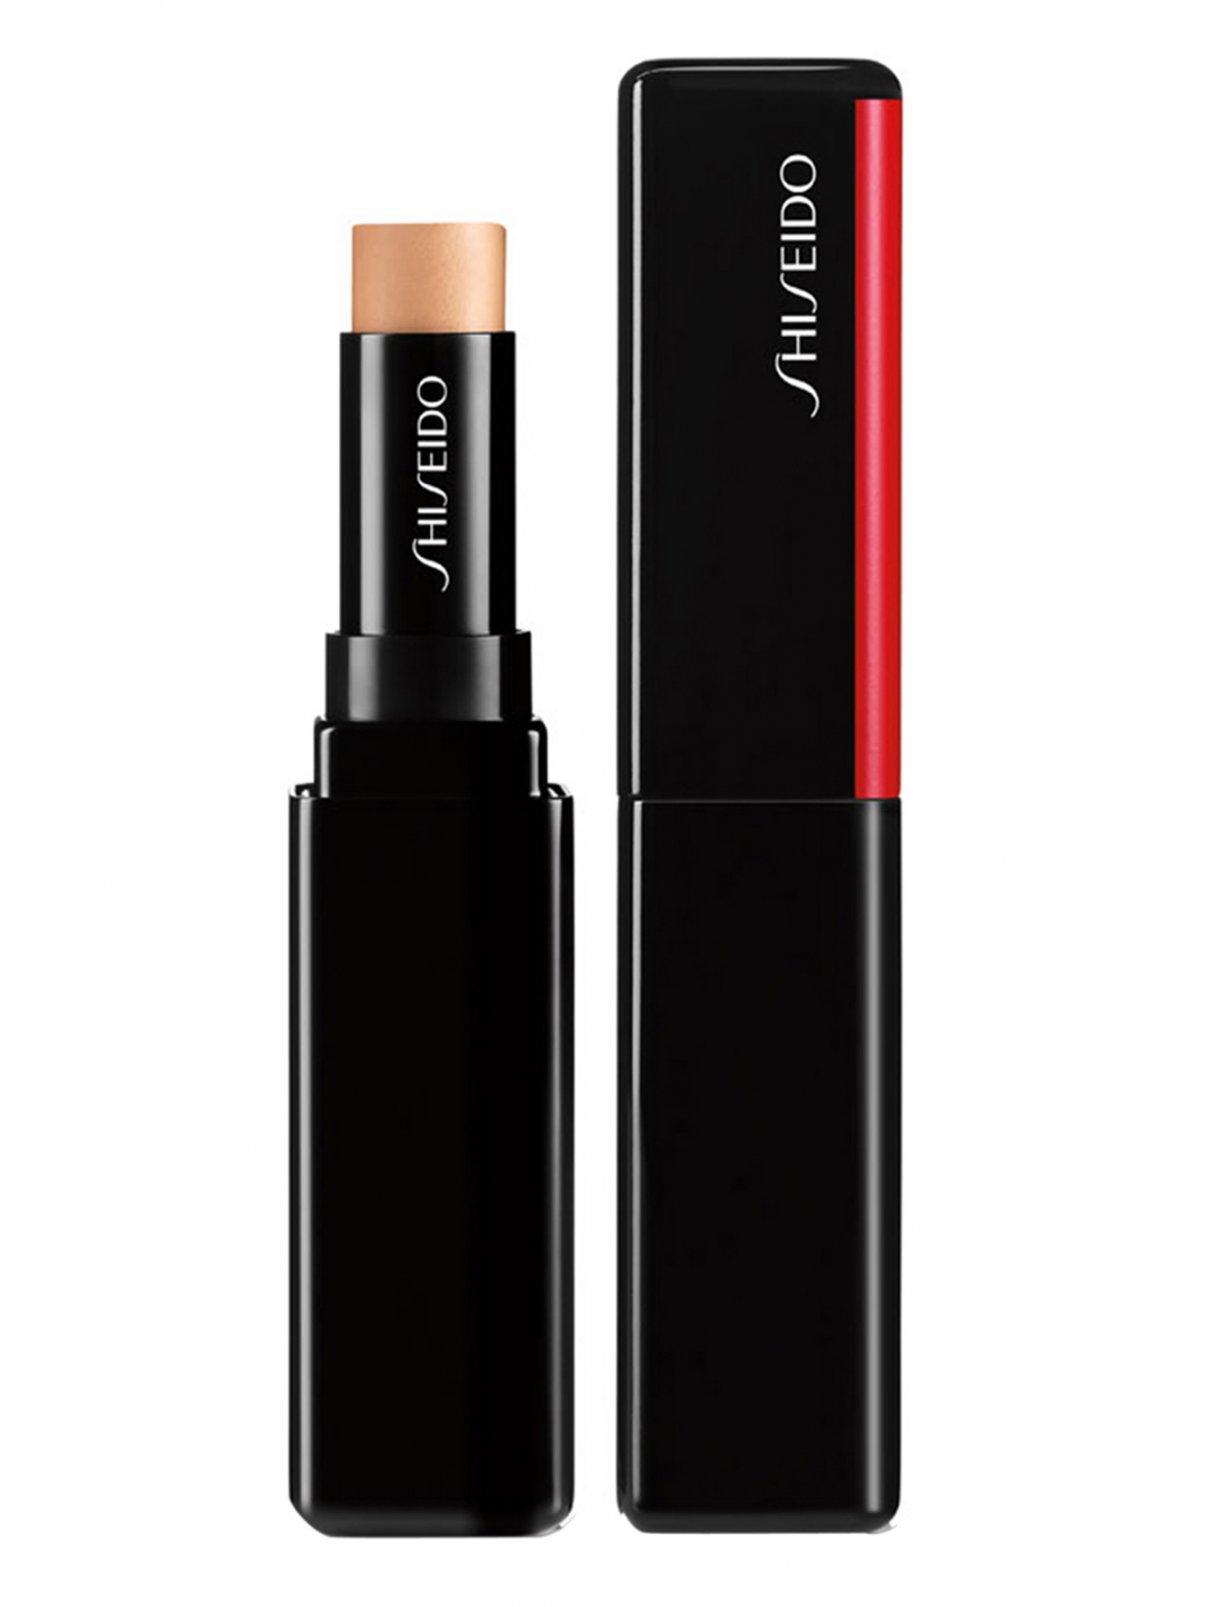 SHISEIDO SYNCHRO SKIN Корректирующий гелевый консилер в стике, 103 FAIR, 2.5 г Shiseido  –  Общий вид